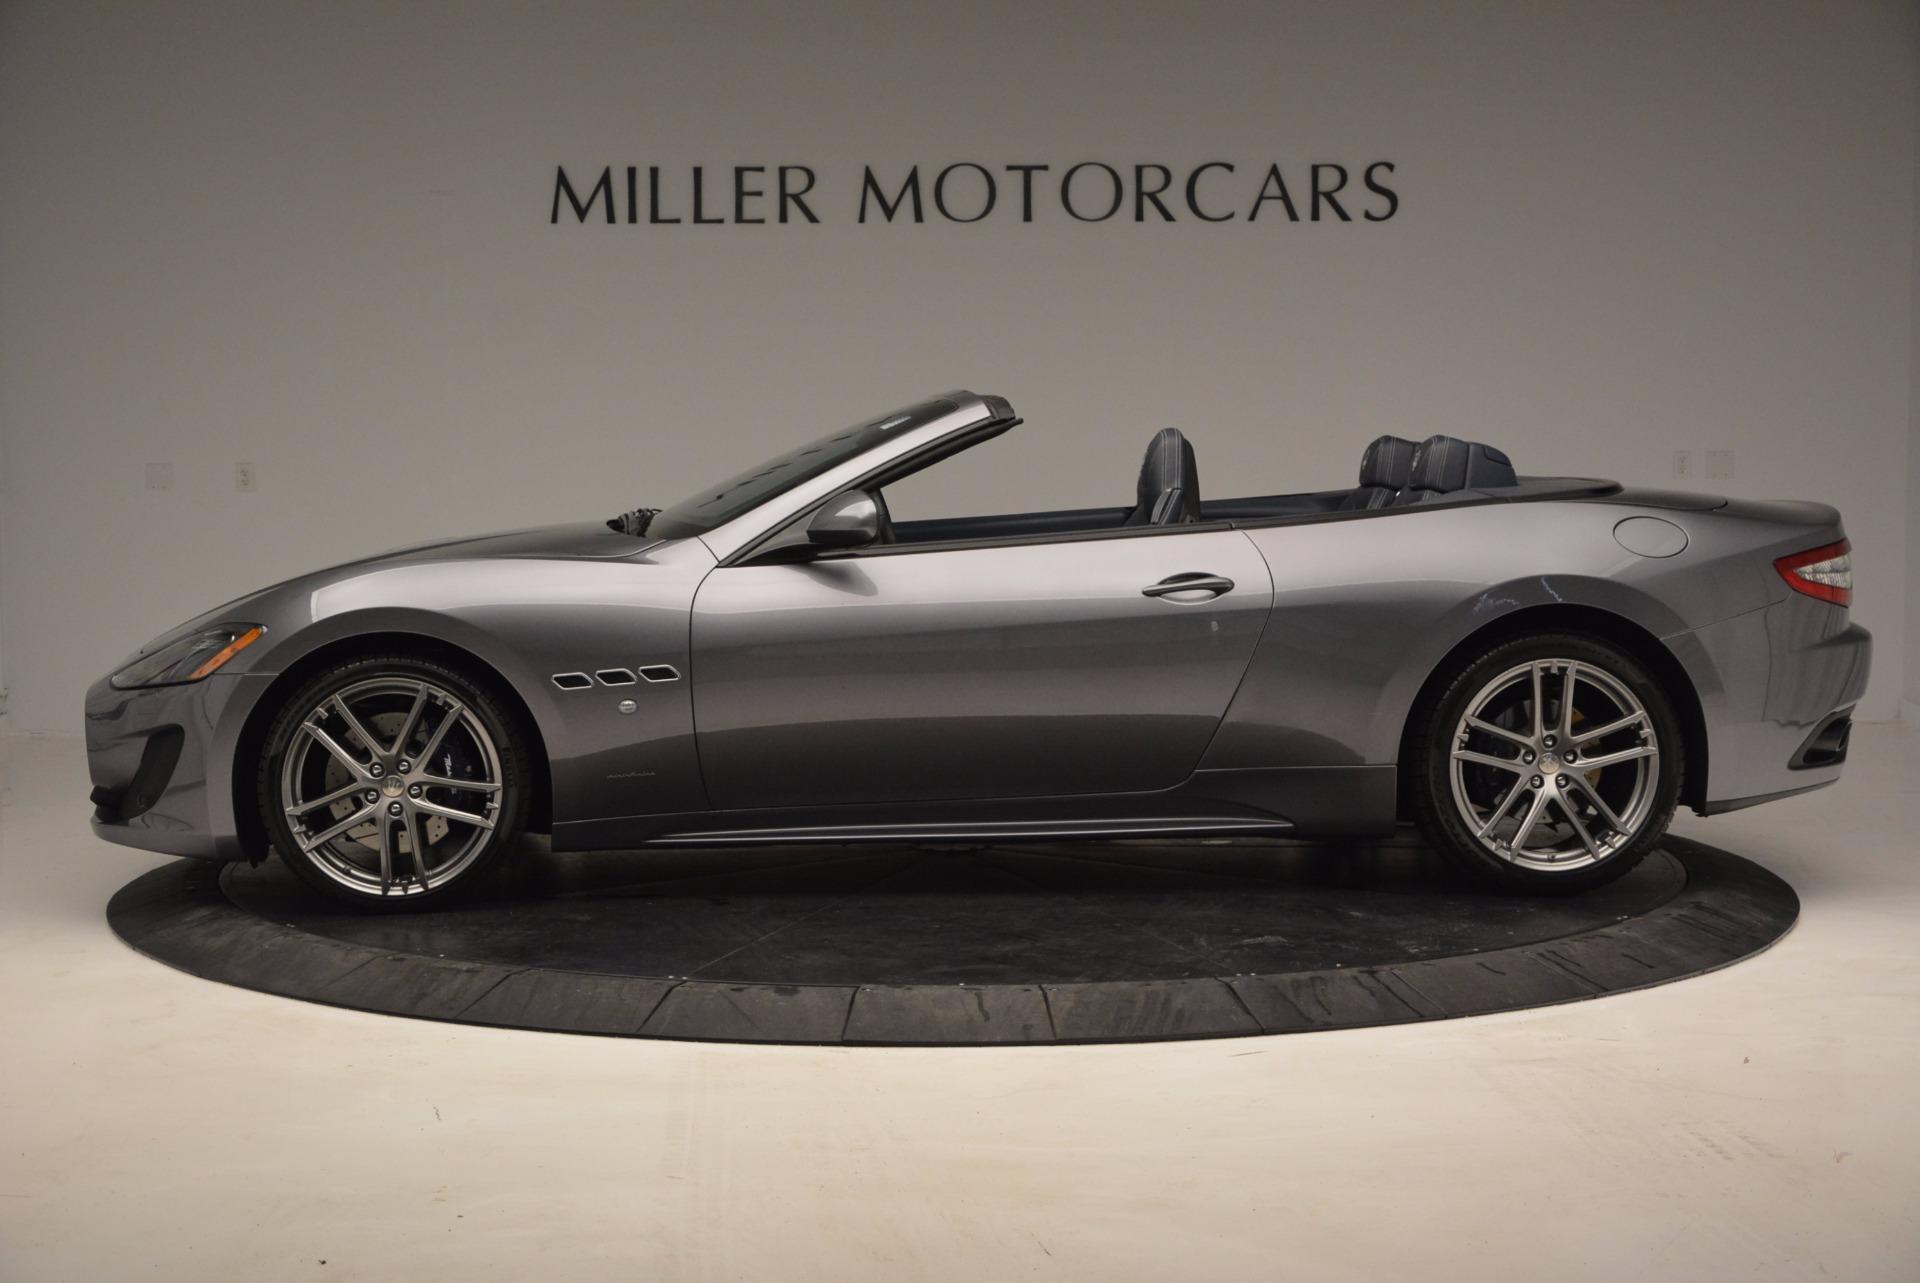 New 2016 Maserati GranTurismo Convertible Sport For Sale In Greenwich, CT 154_p4